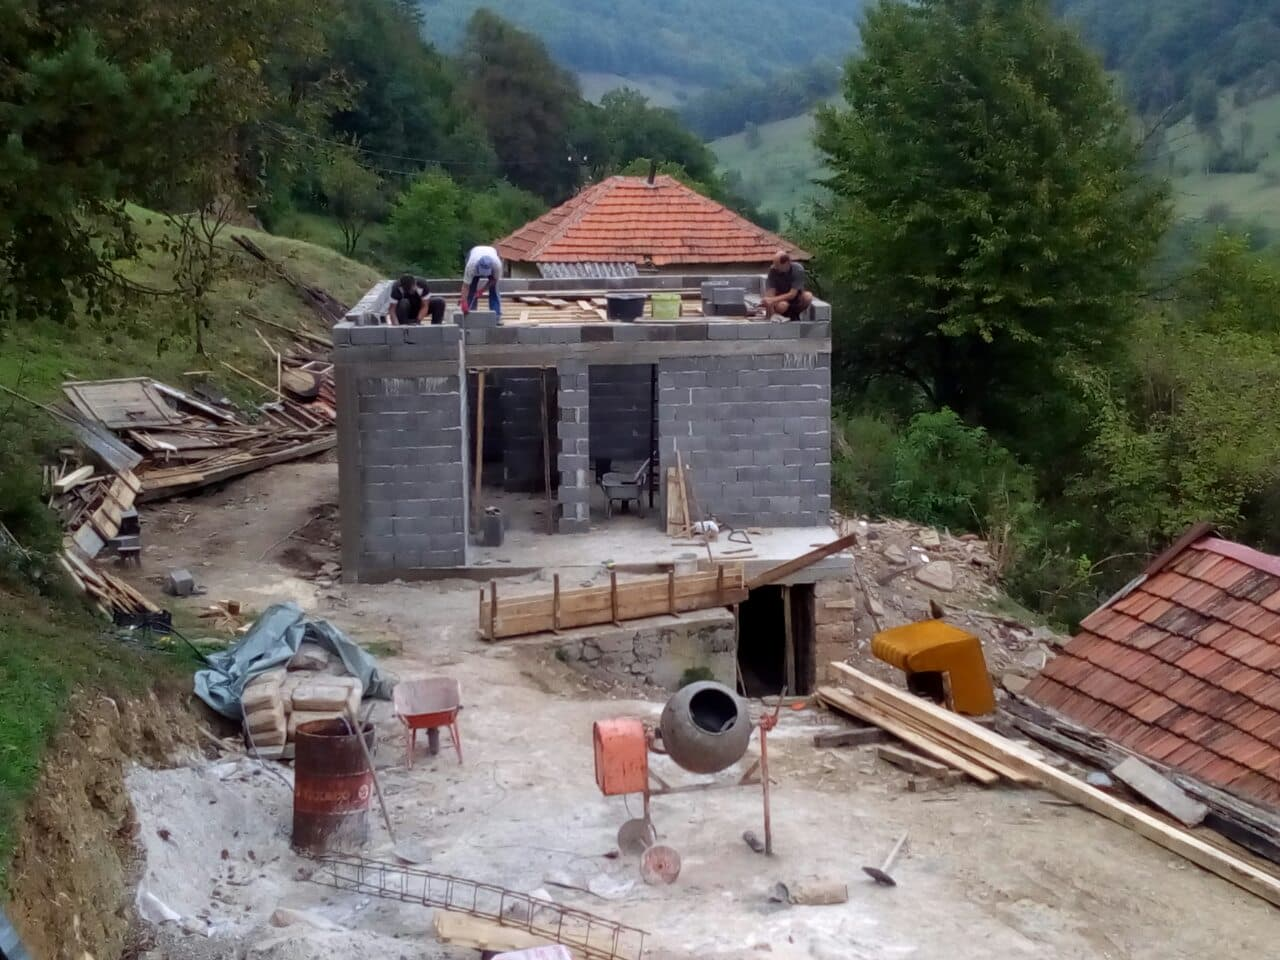 Izgradimo svi zajedno kuću za Tufika Velića: Općina Kakanj će osigurati stolariju